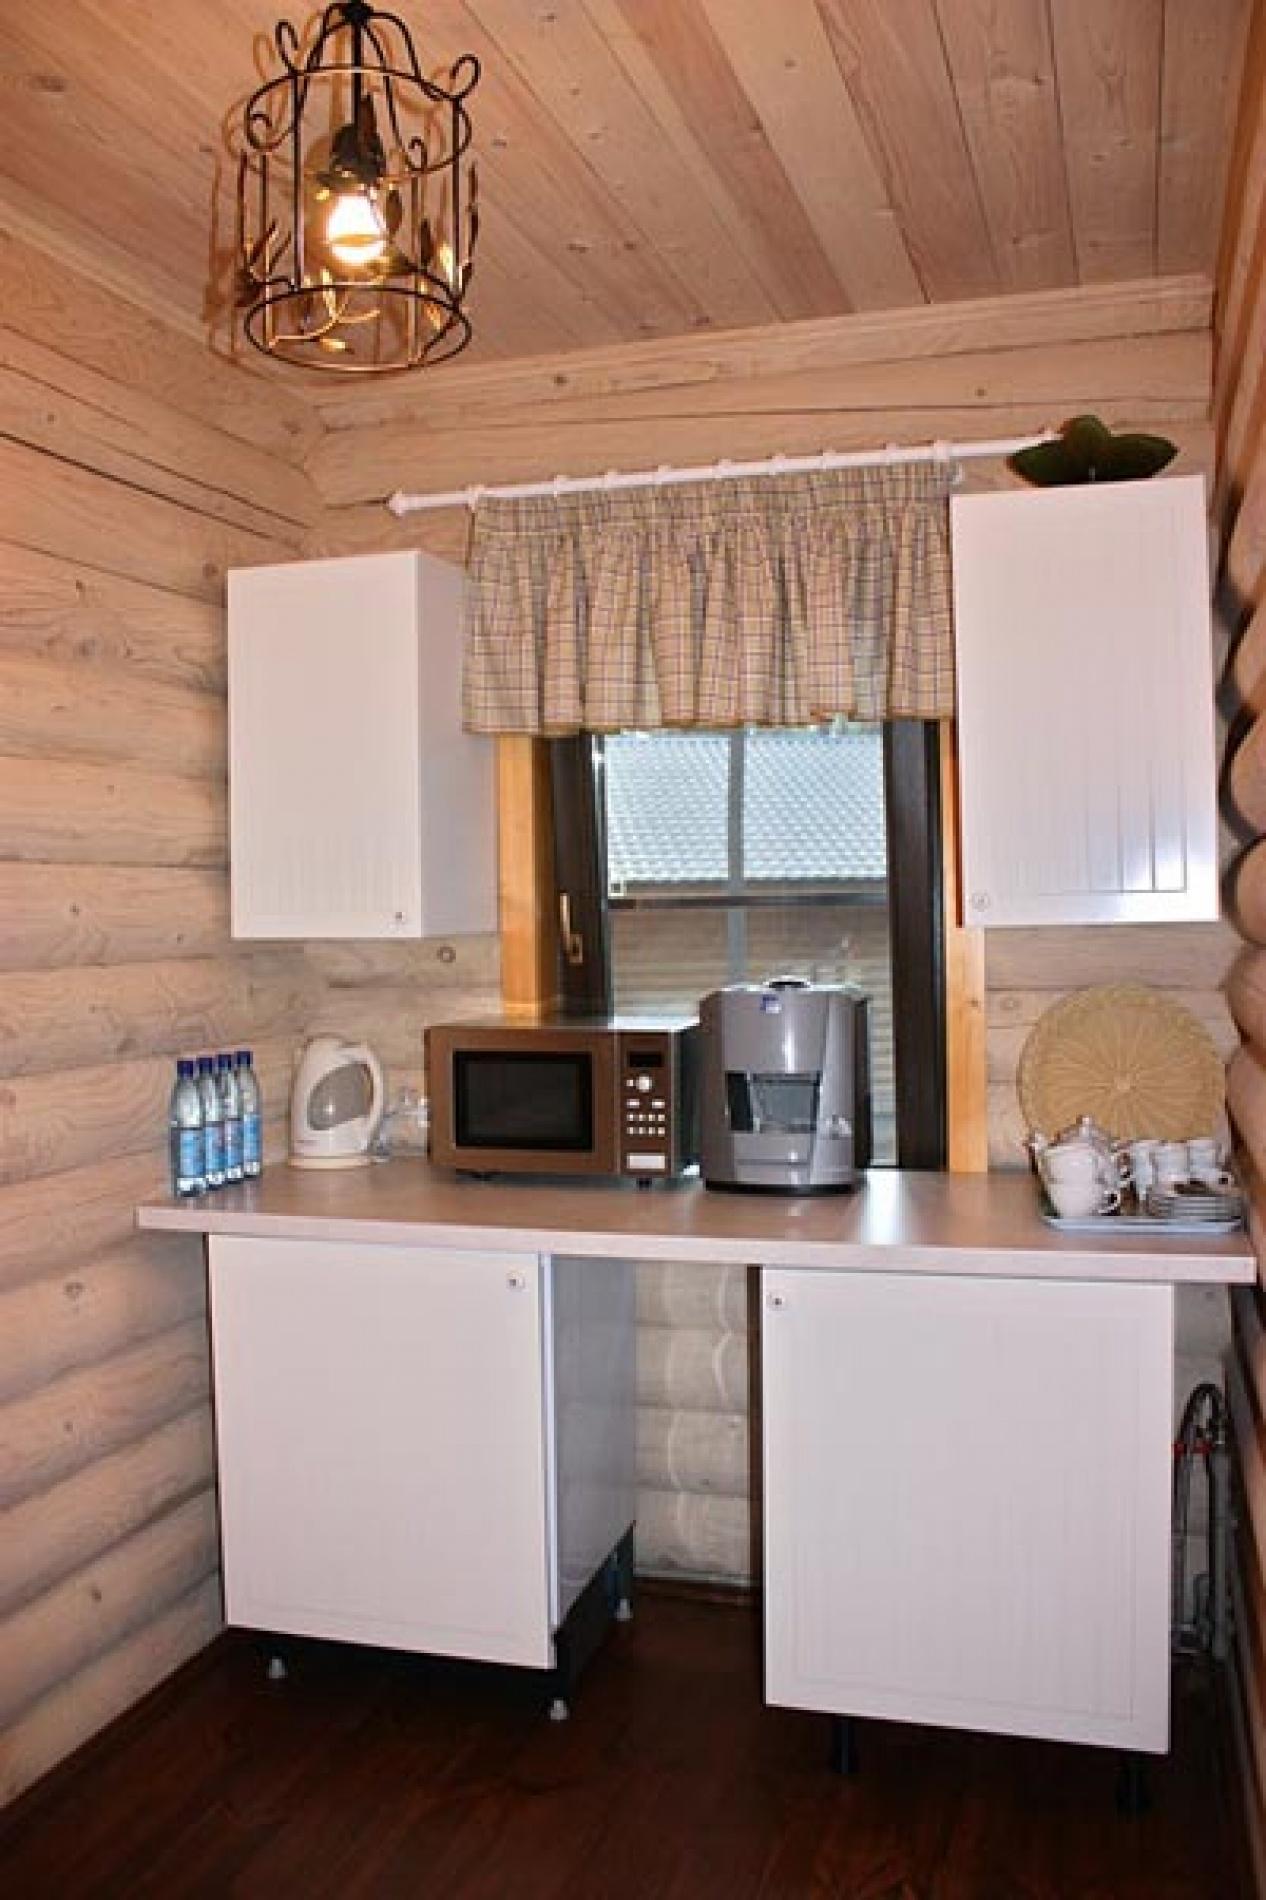 Туристический комплекс «Мышкино подворье»/Hotel Mouse Inn Ярославская область Коттедж «Свадебный», фото 5